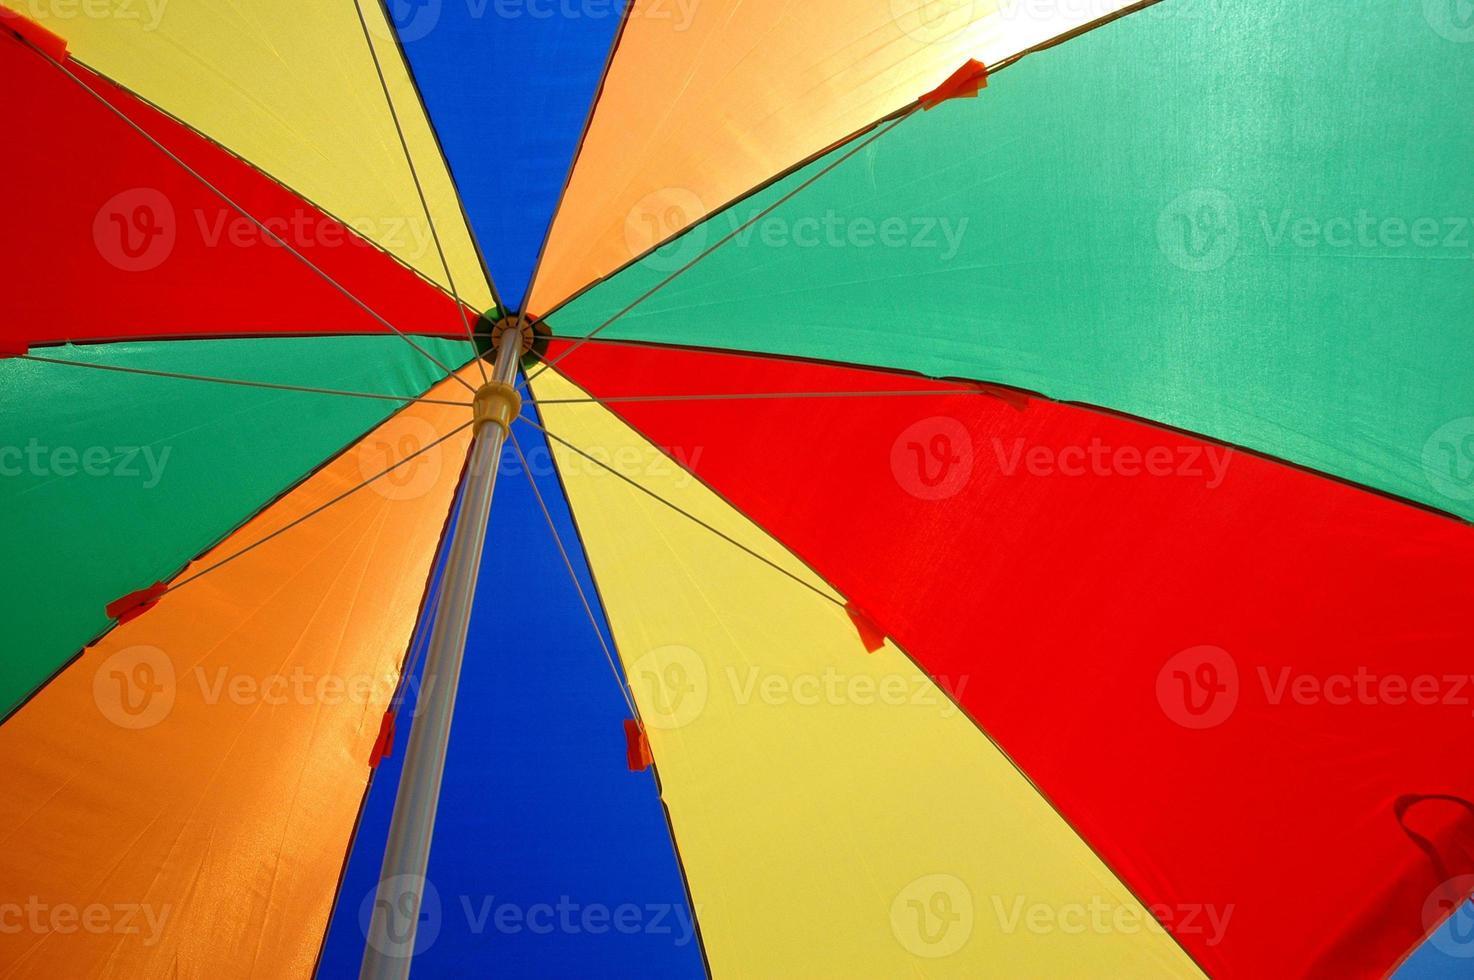 bunte Regenschirme Zelte foto